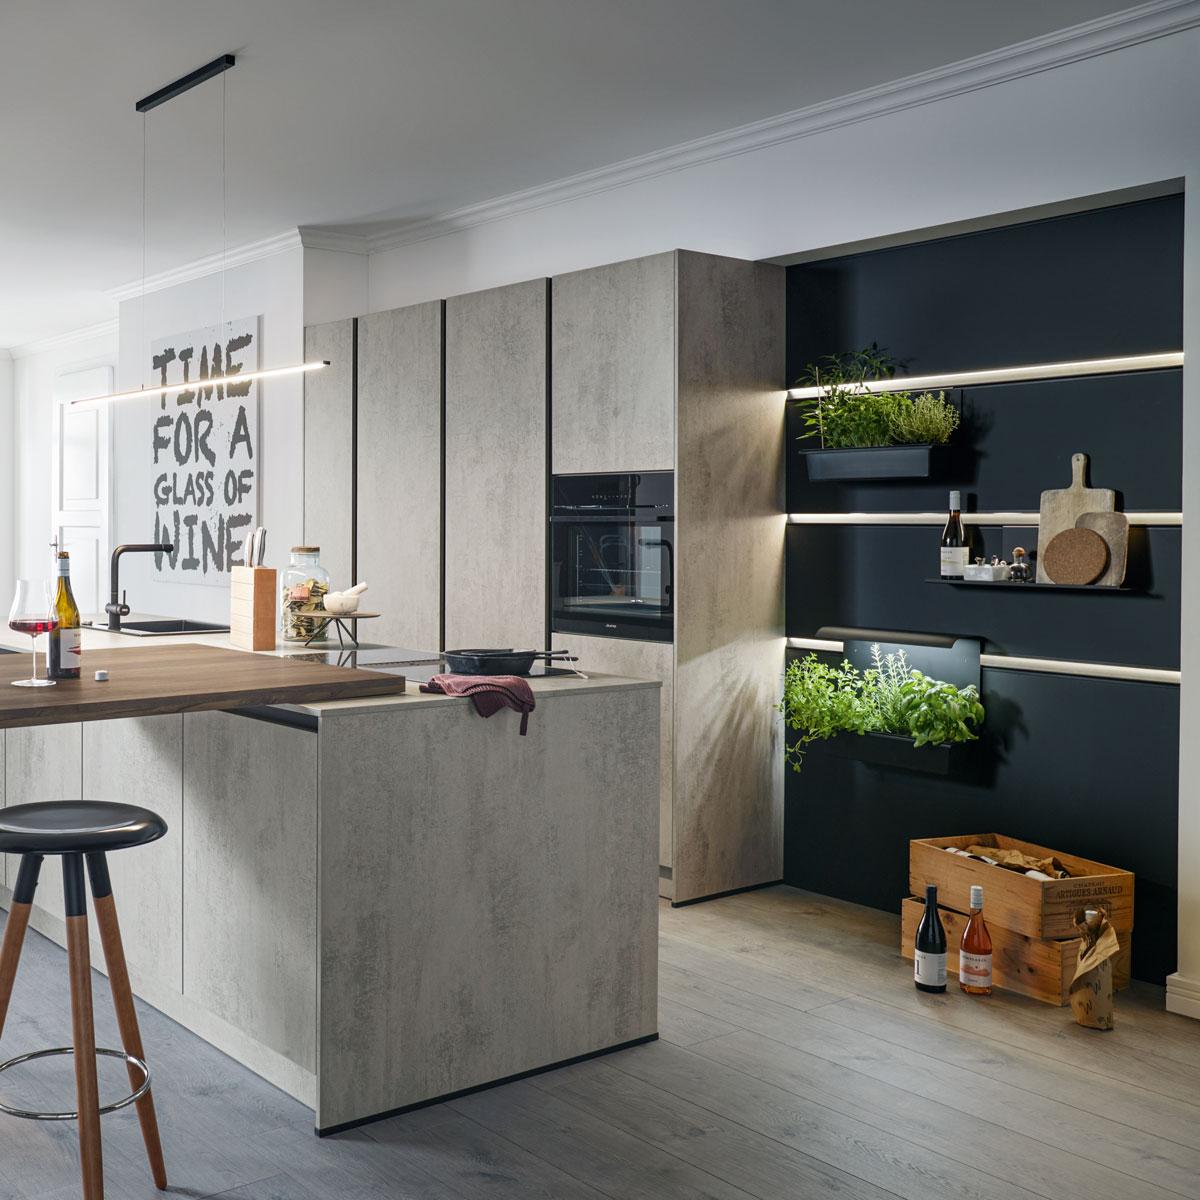 Küche mit Paneelsystem